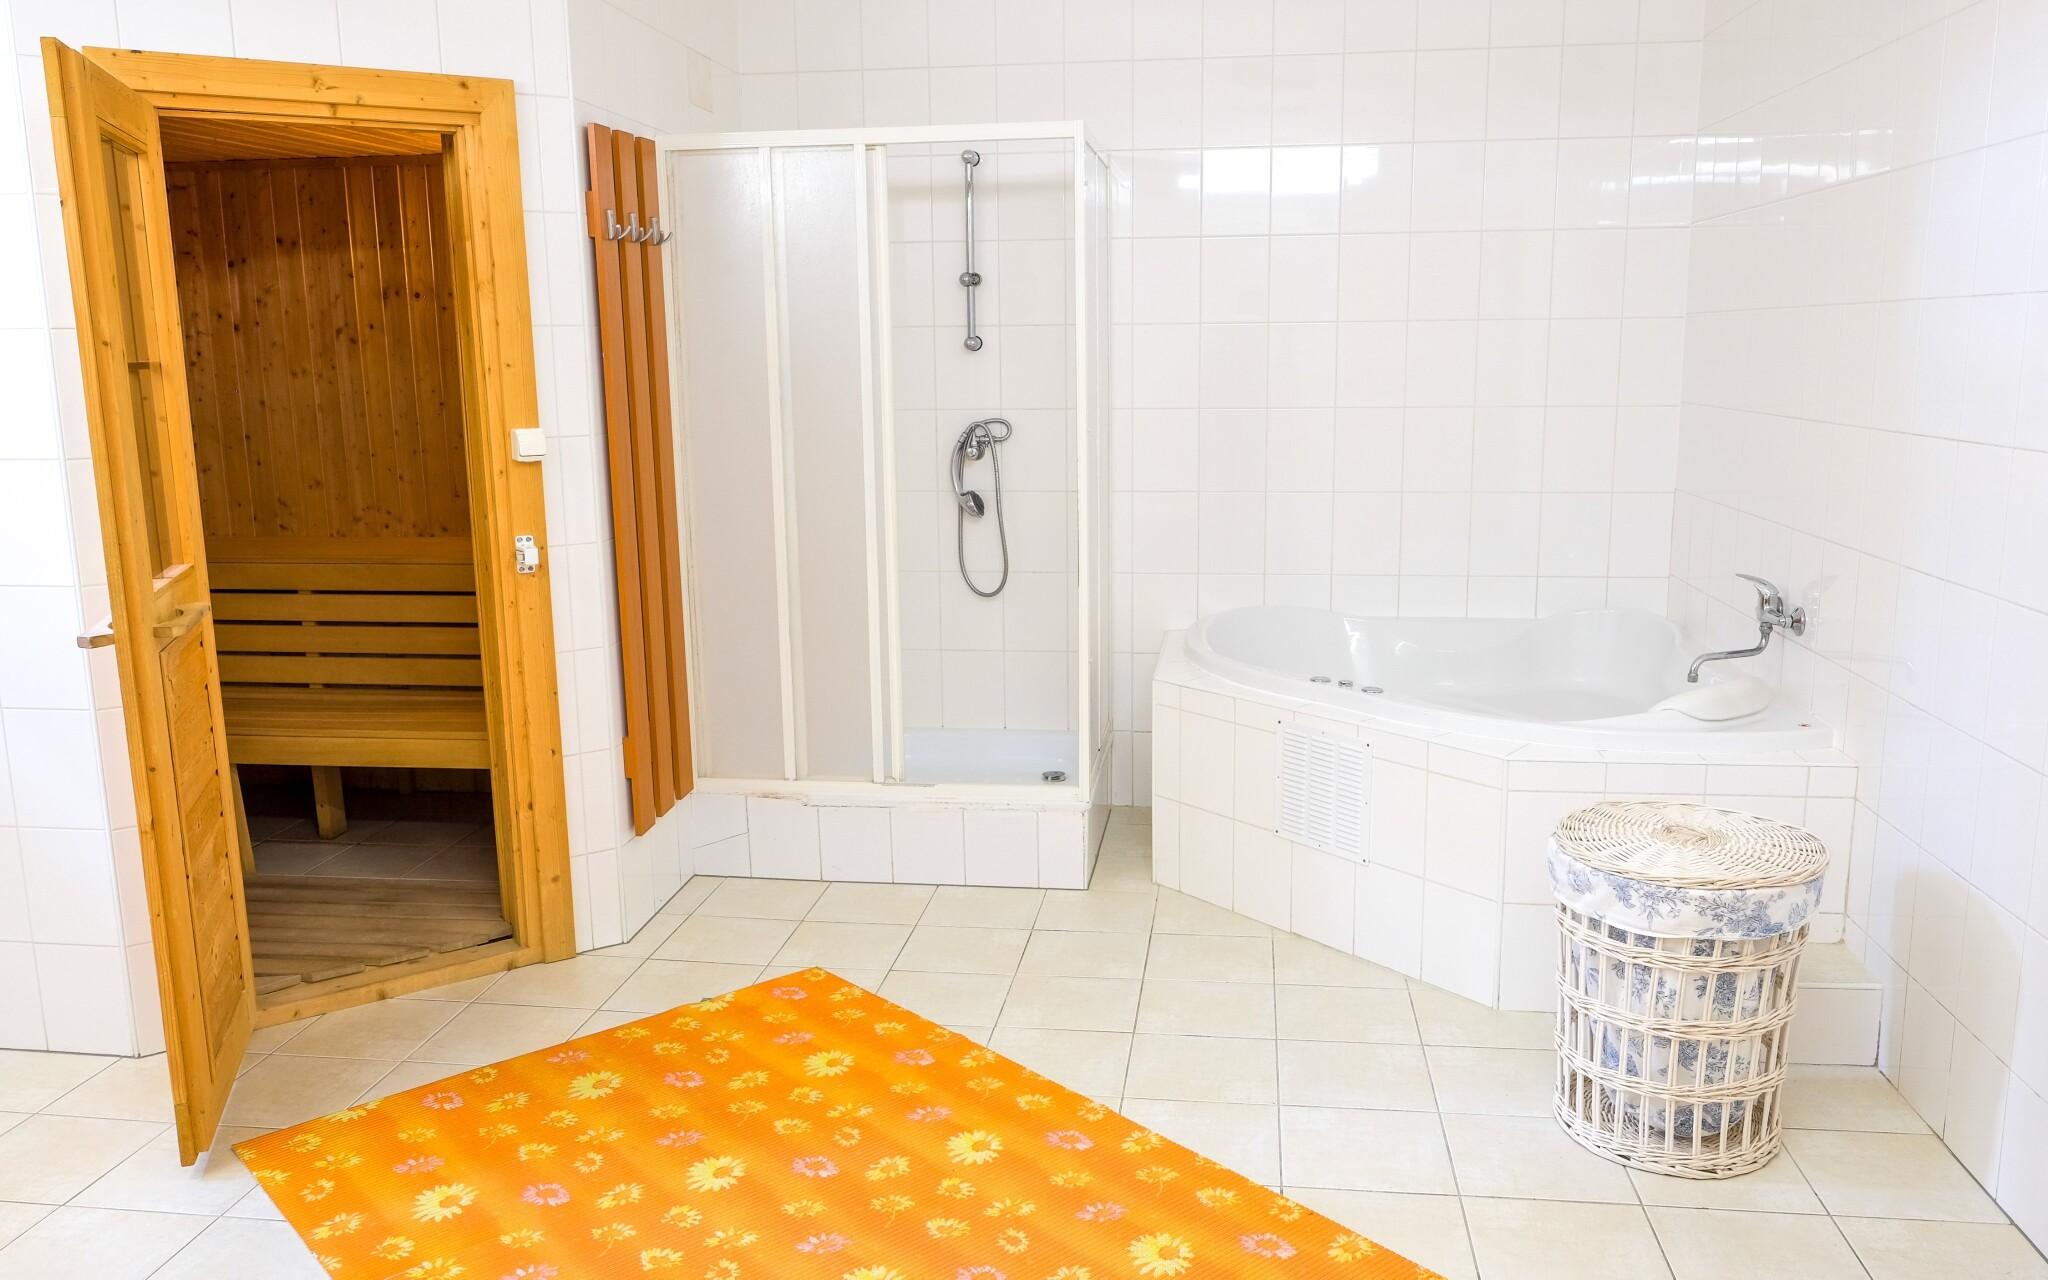 Využijte malé wellness se saunou a vířivou vanou